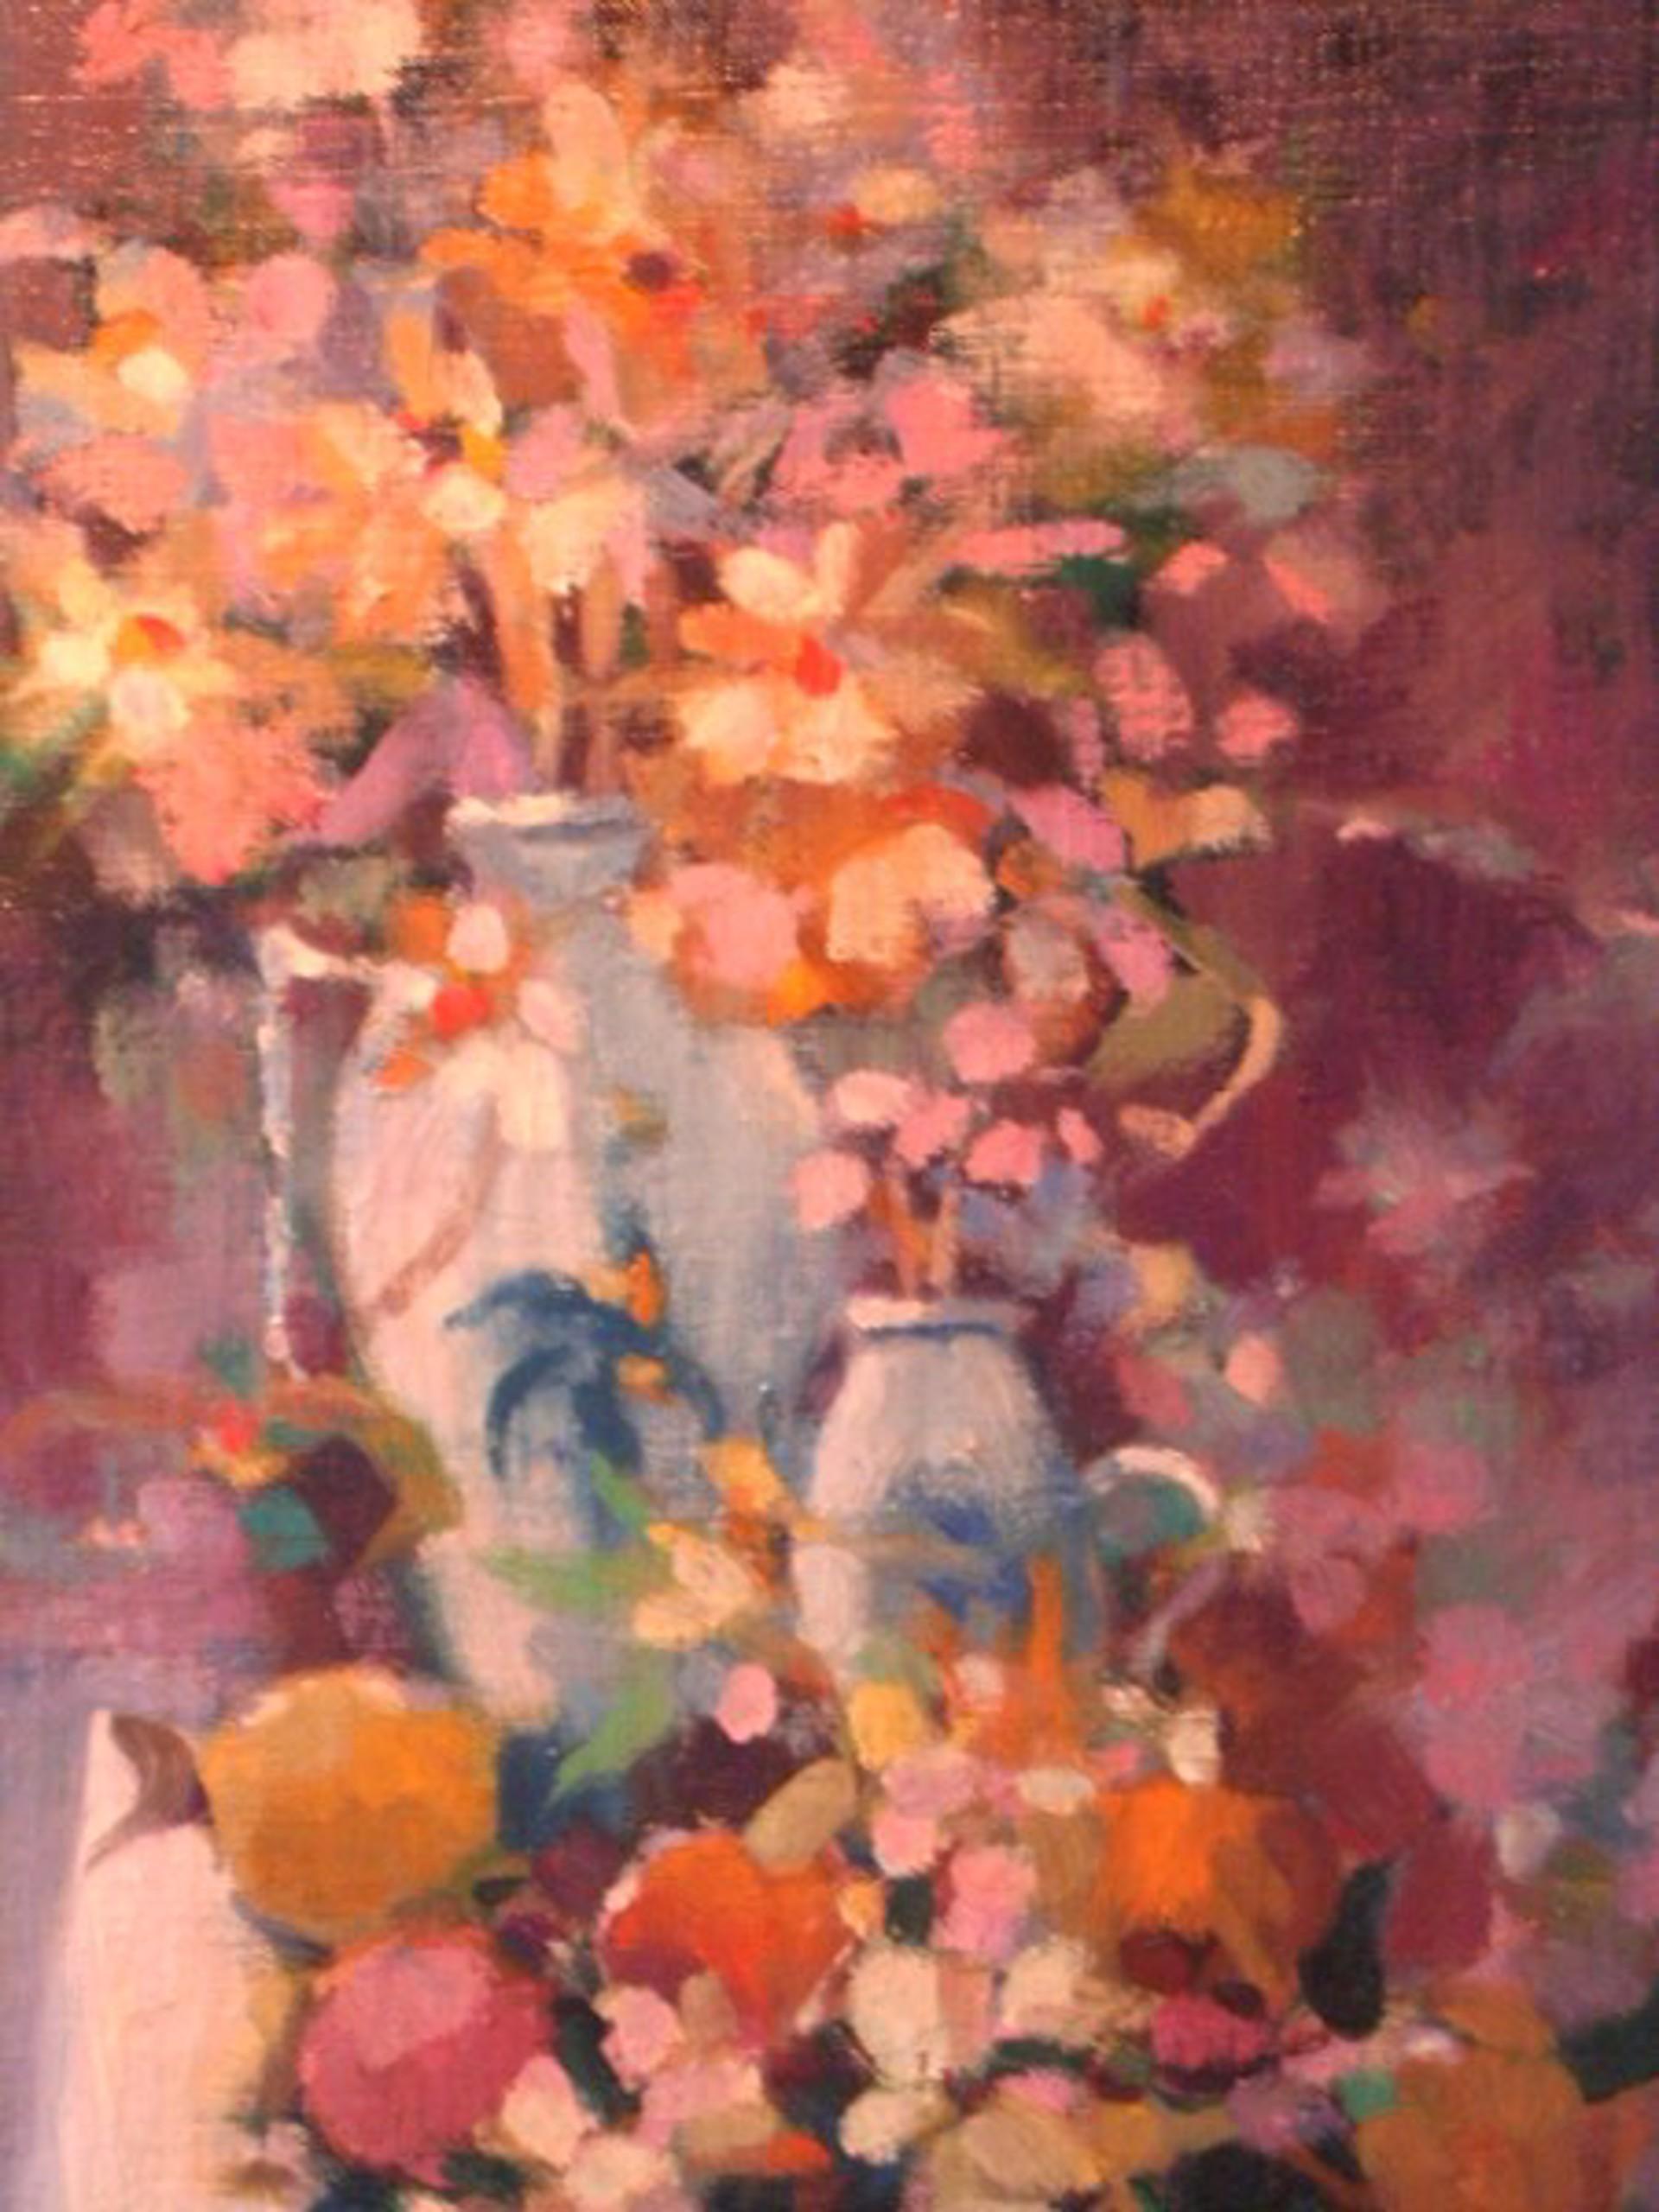 Warm Floral Colors by Robert L. Davis